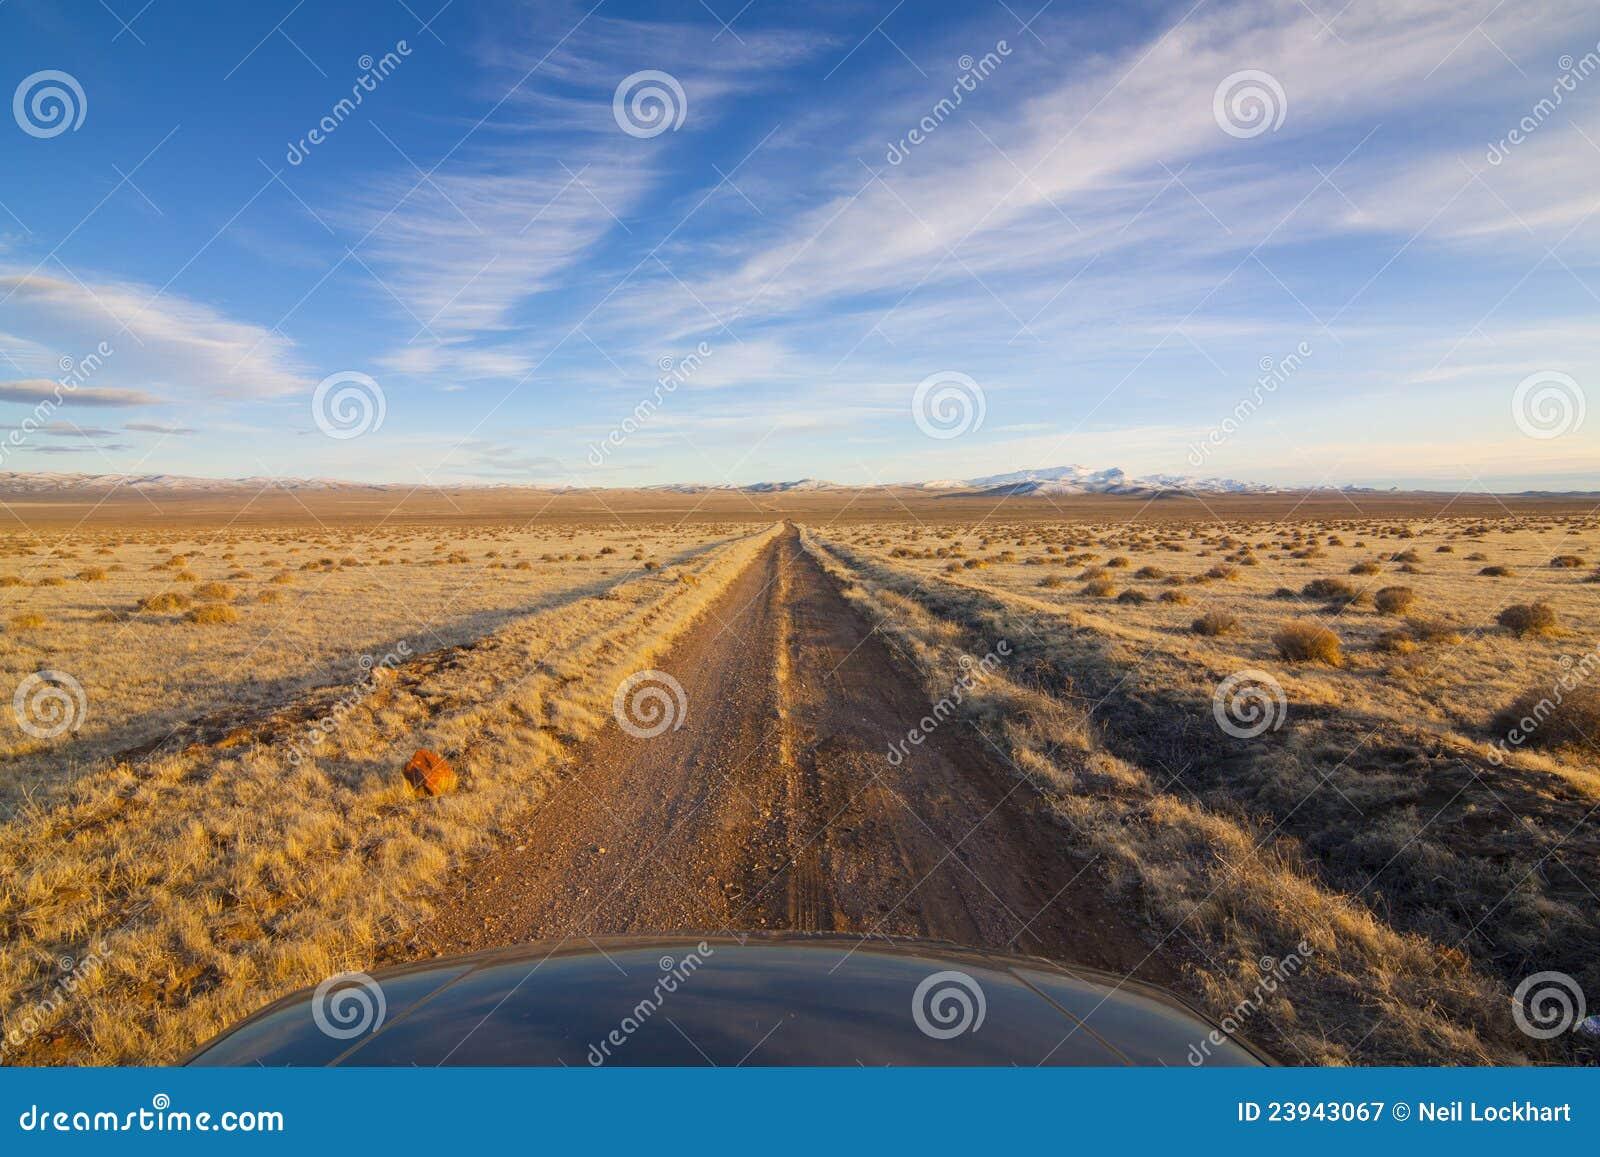 De Landweg van de woestijn met Kap